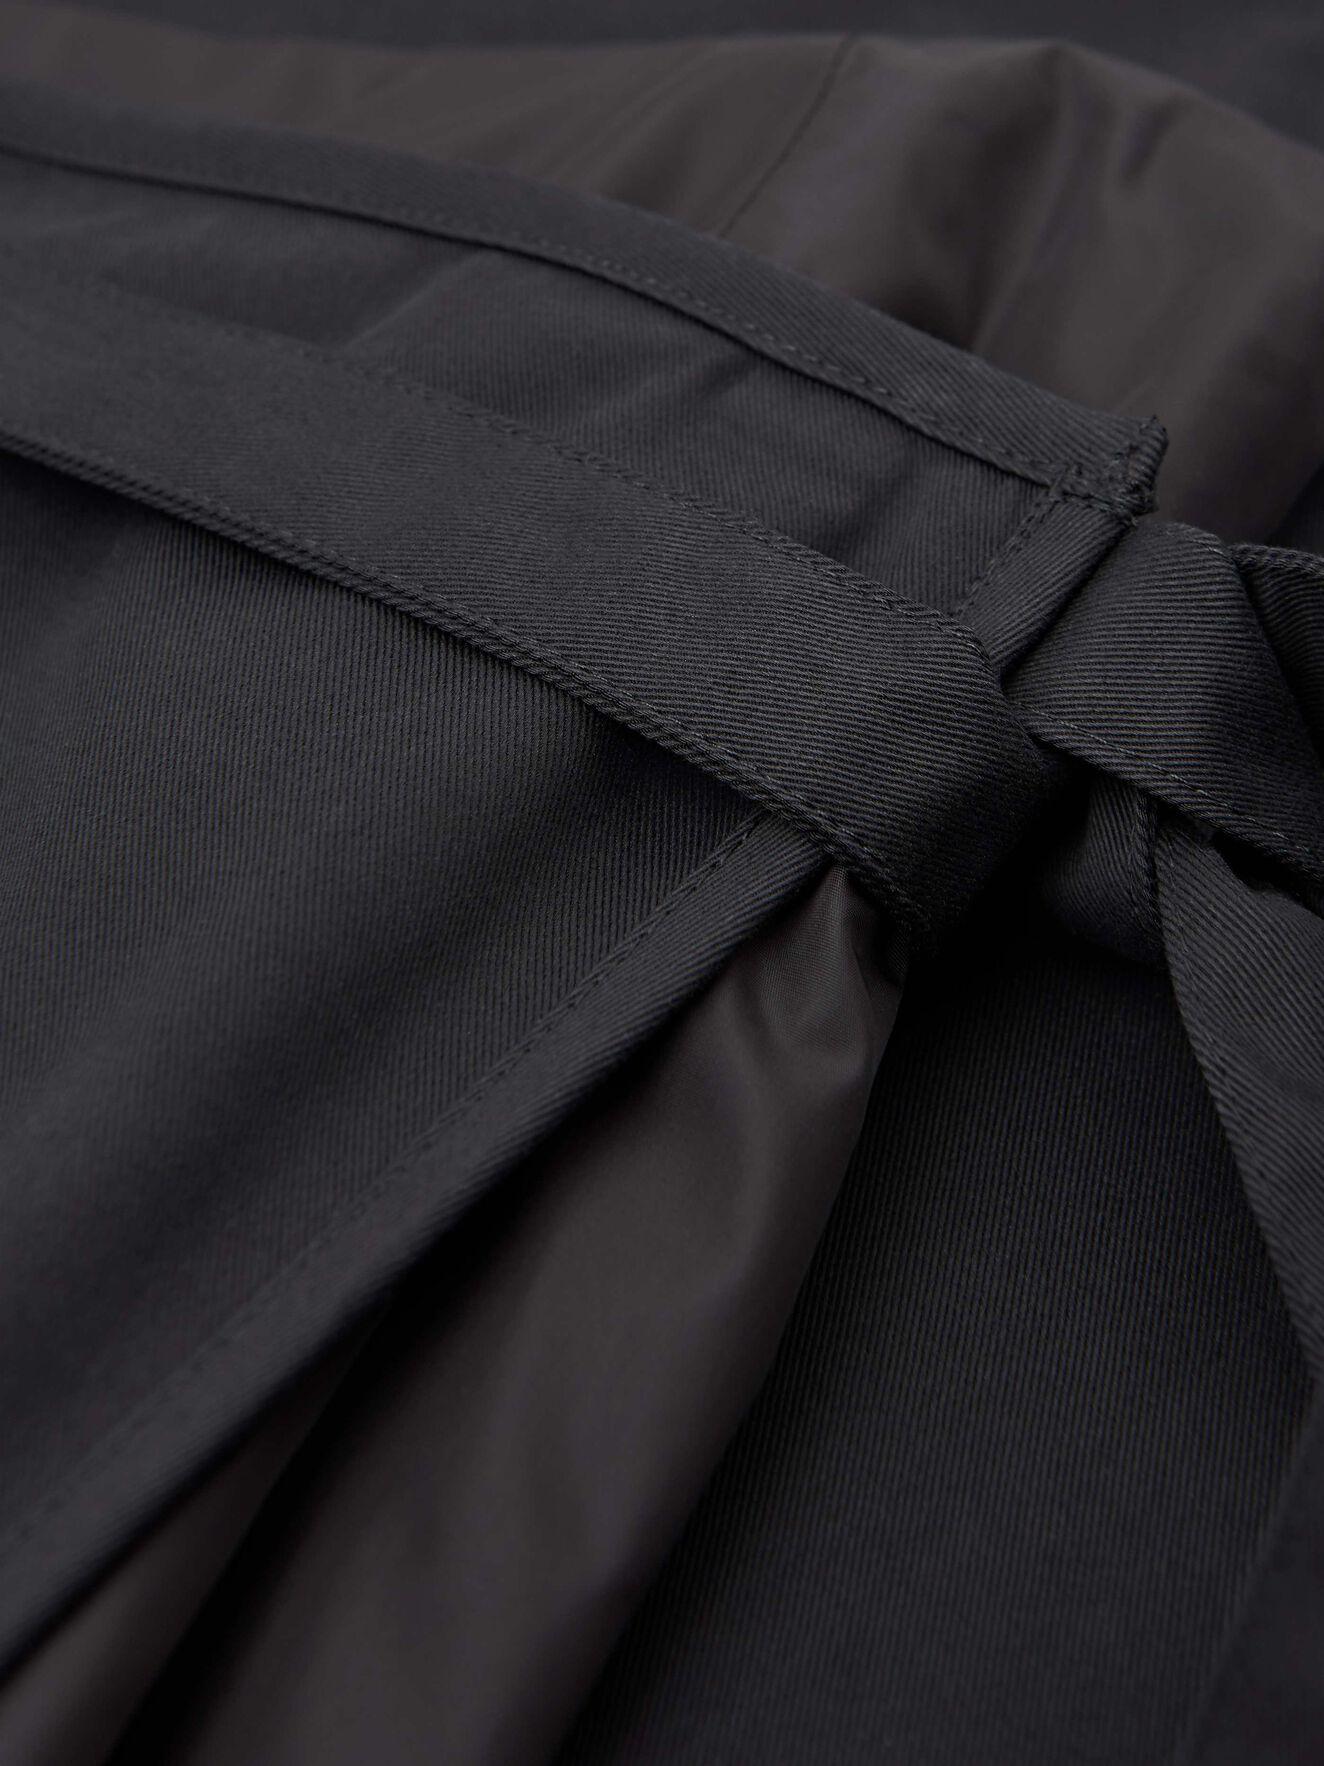 Depth Skirt in Black from Tiger of Sweden